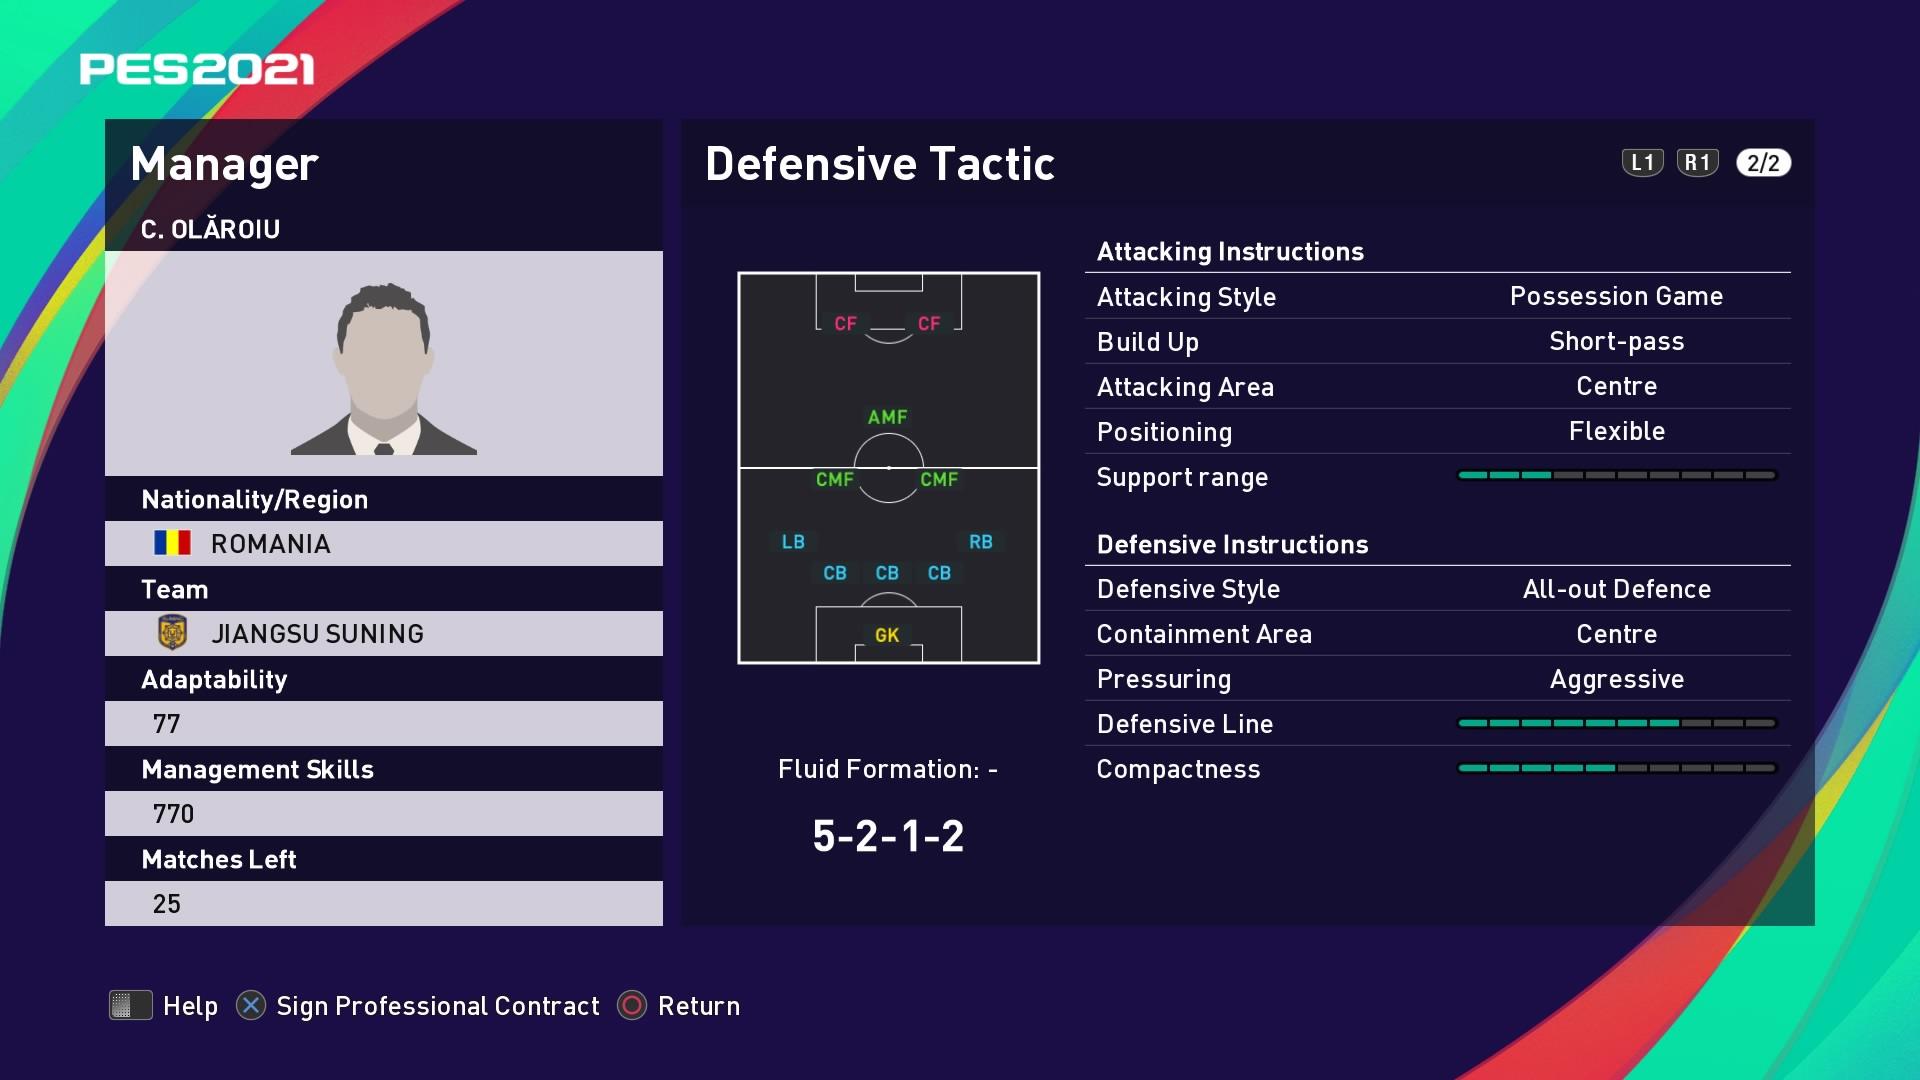 C. Olăroiu (Cosmin Olăroiu) Defensive Tactic in PES 2021 myClub